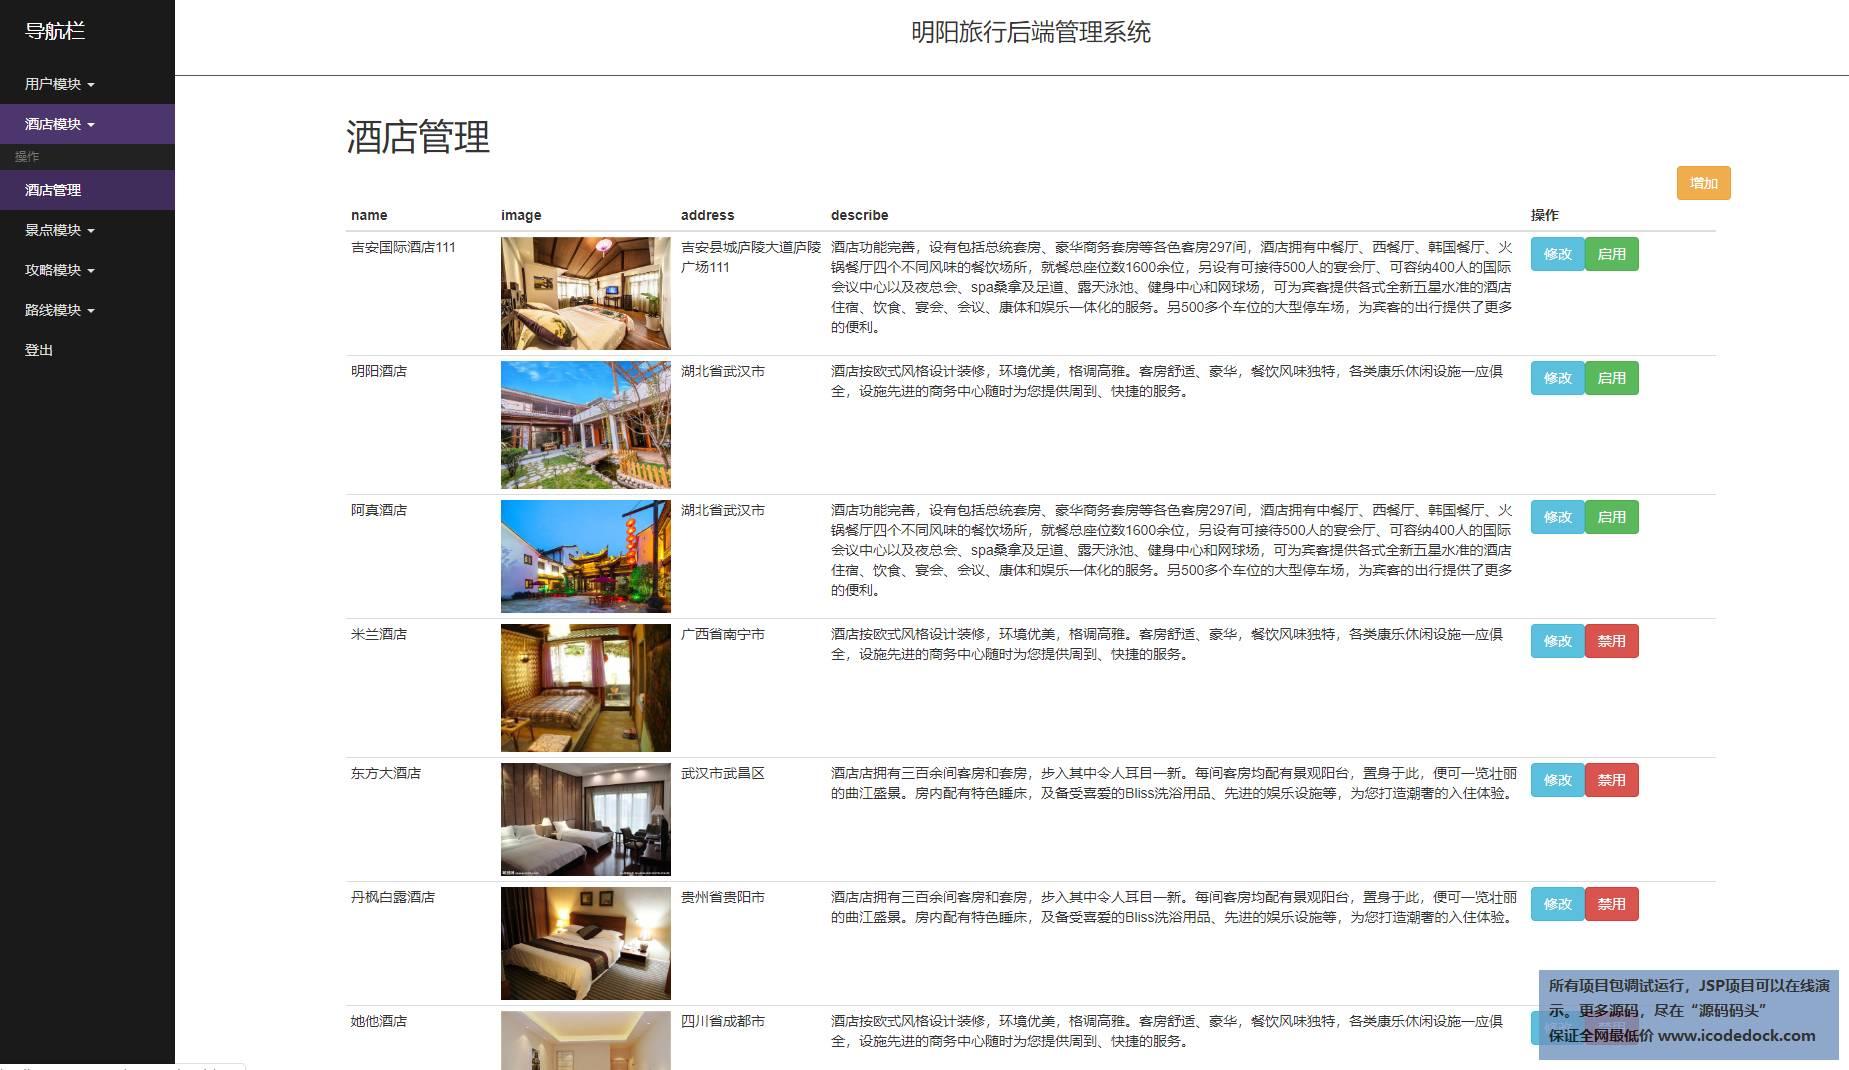 源码码头-SpringBoot旅游综合服务平台-管理员角色-酒店管理